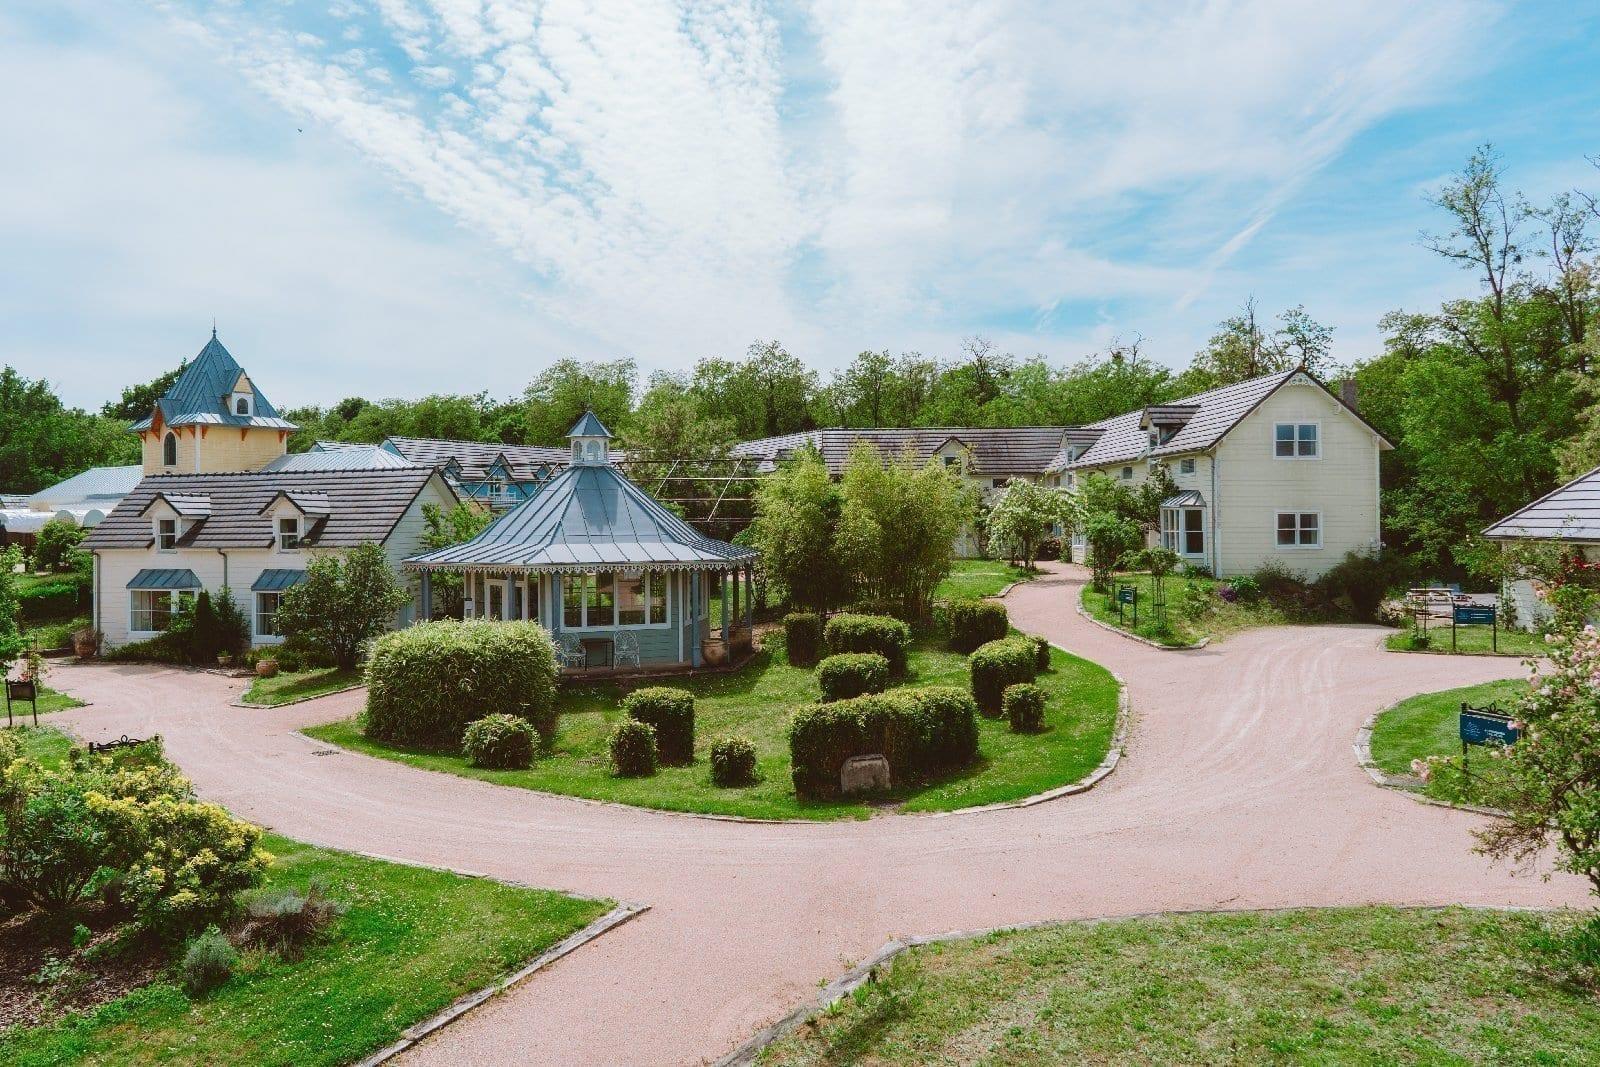 Vue en hauteur du village de cottages